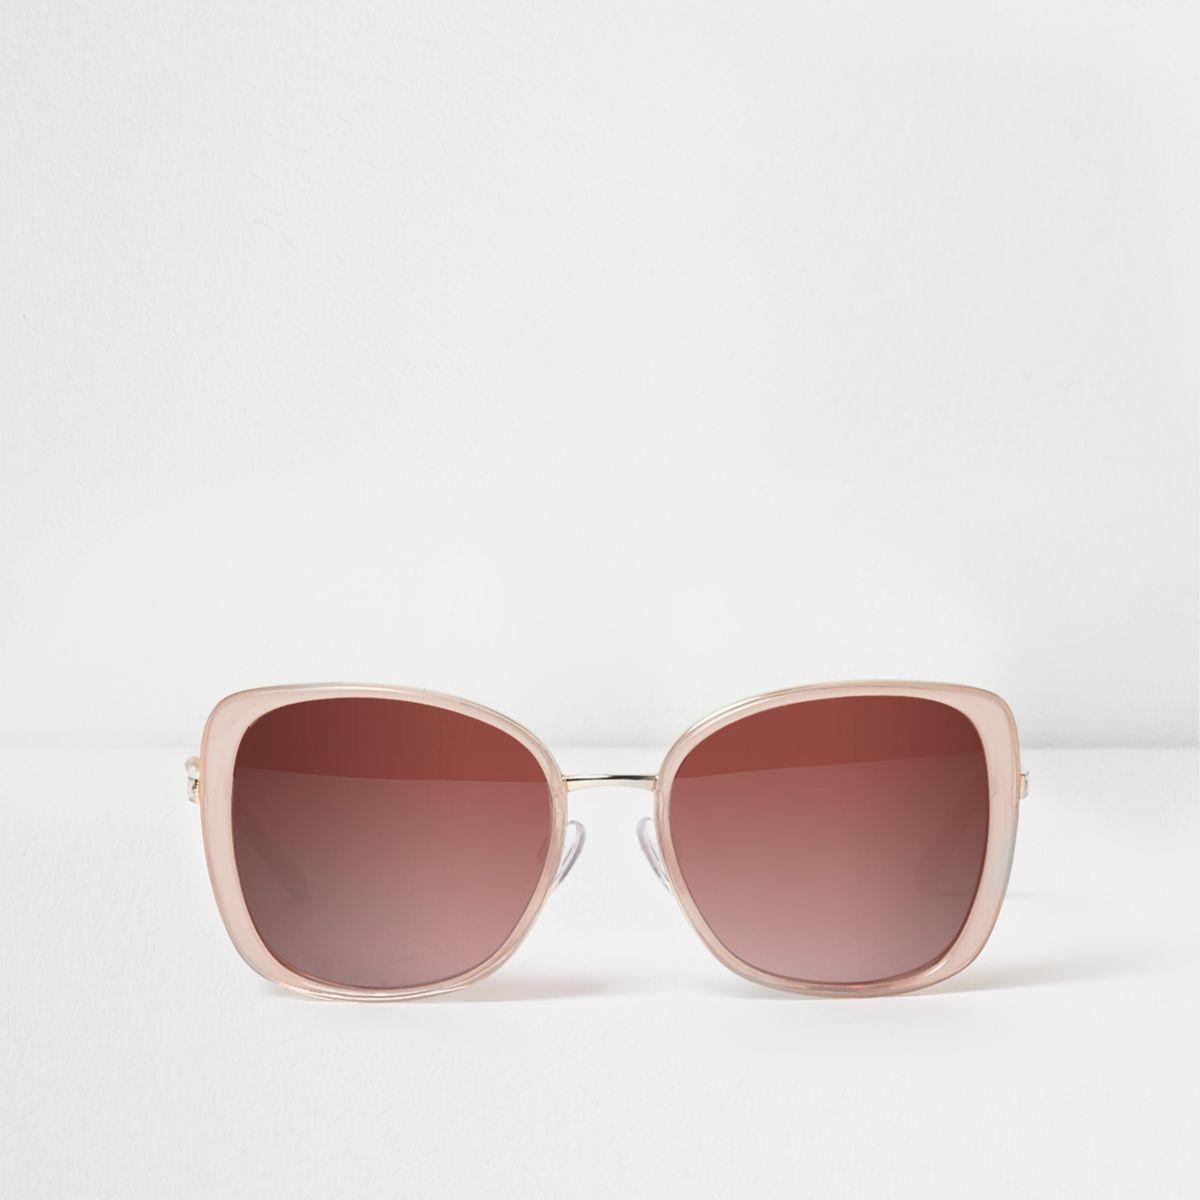 Glamorous - Lunettes de soleil carrées oversize - Noir - Noir ttp6lbSmfd